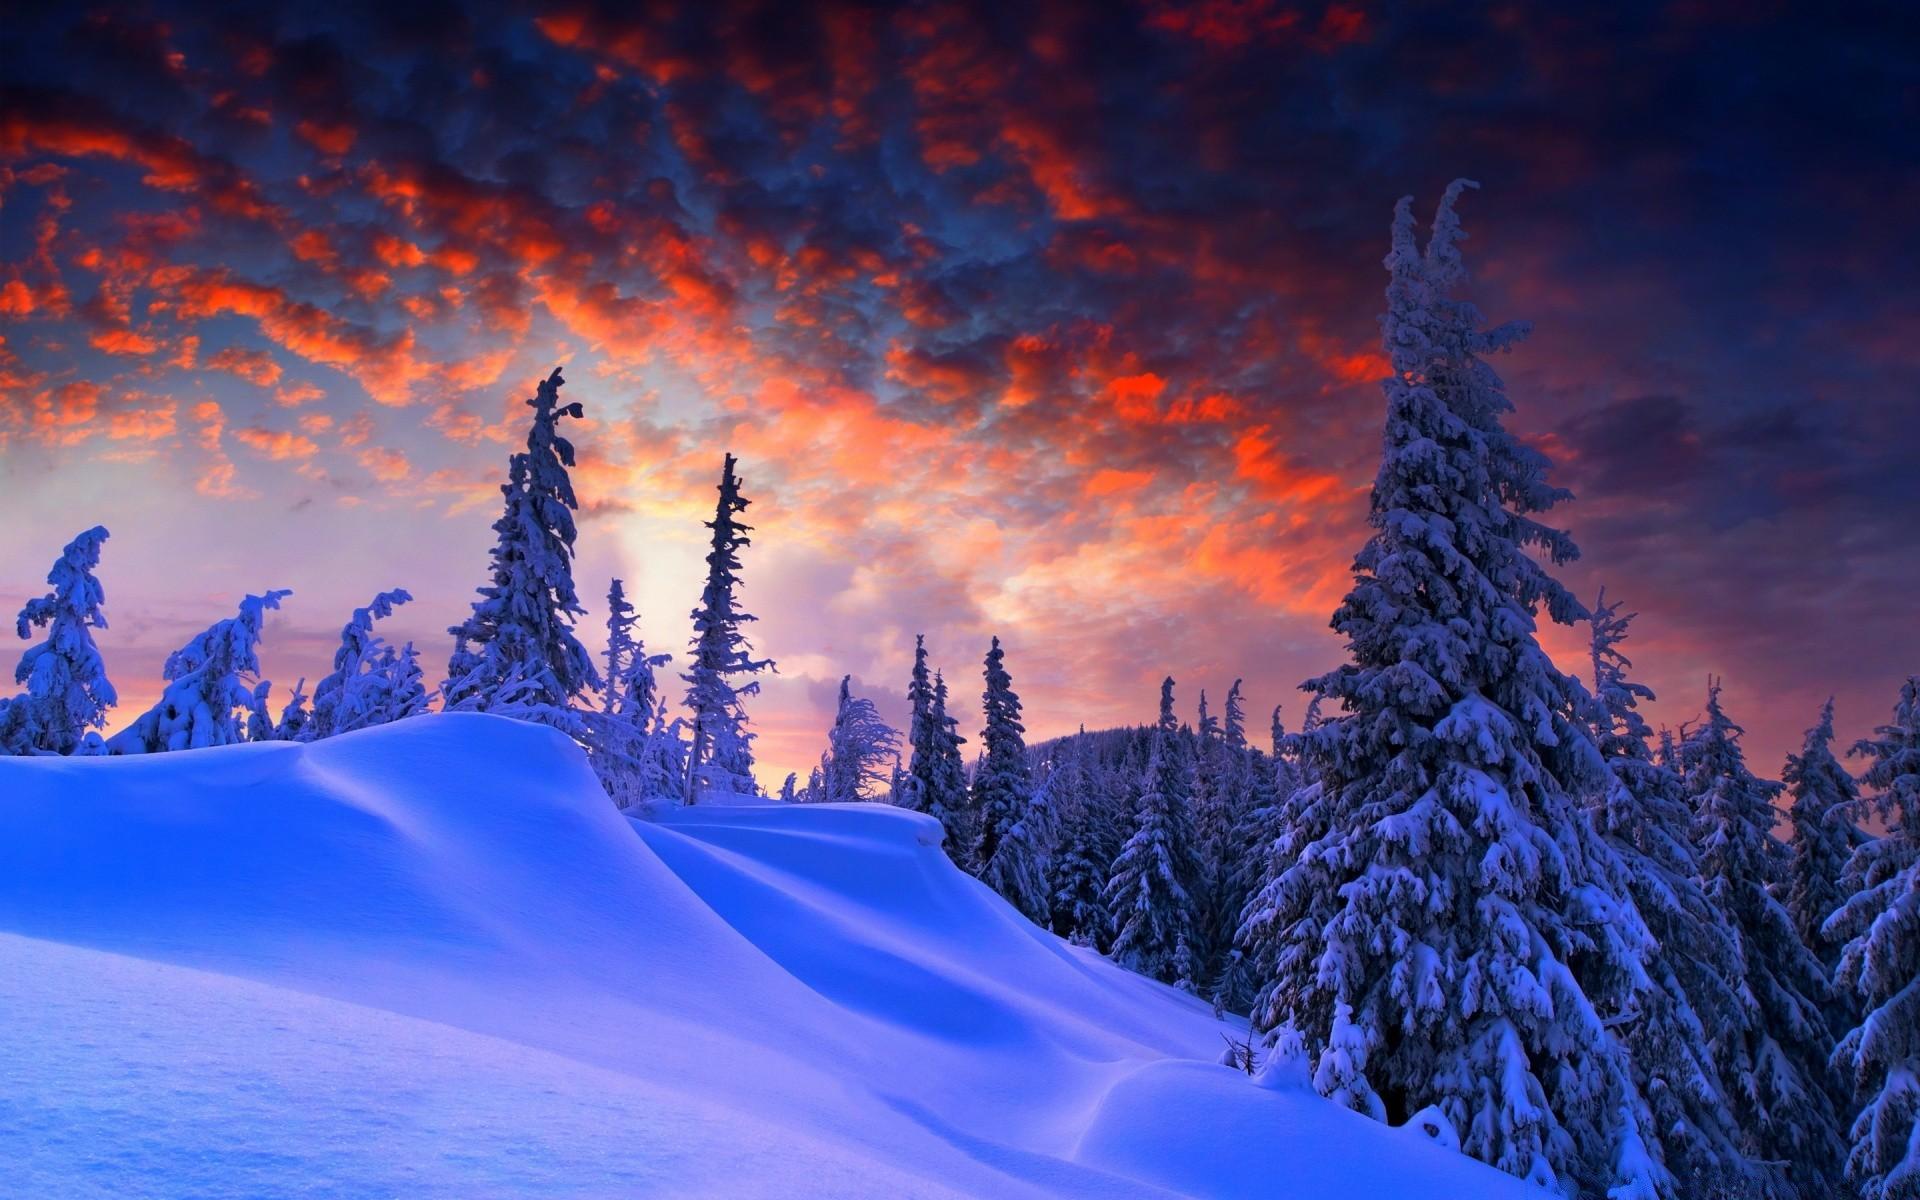 картинки зимние пейзажи красивые на рабочий стол был открыт